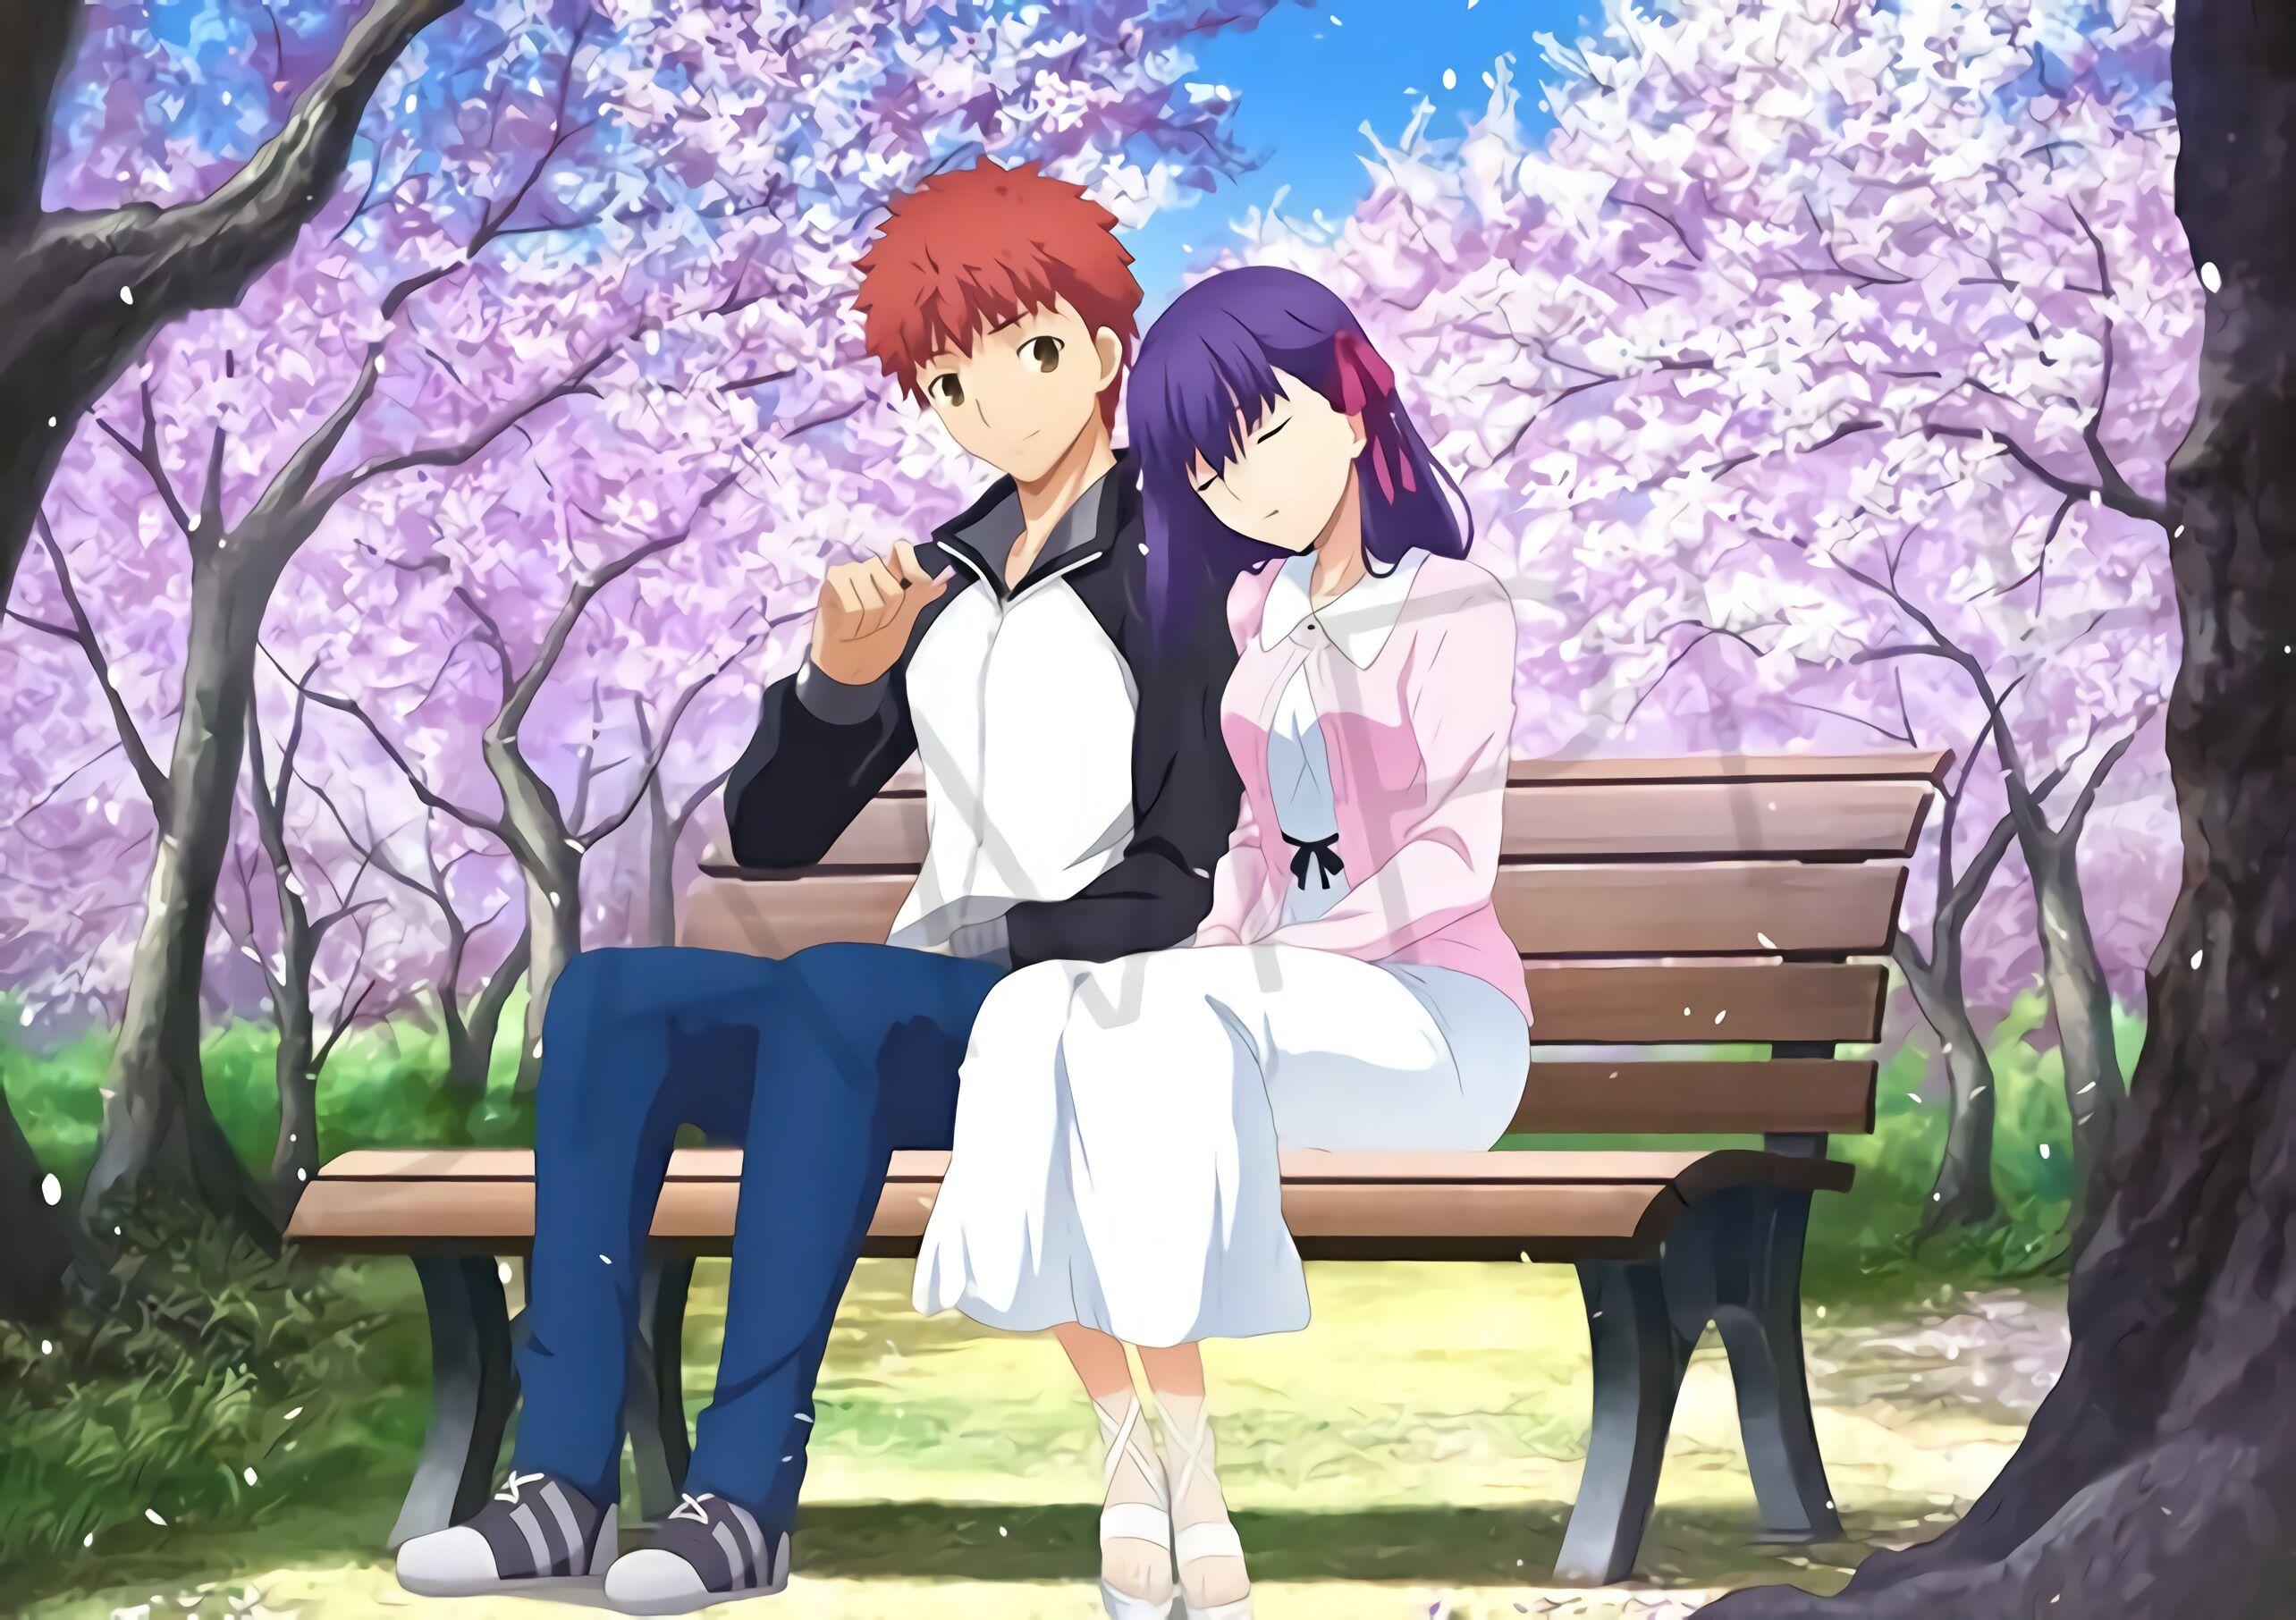 间桐樱到底是一个好人还是一个坏人?